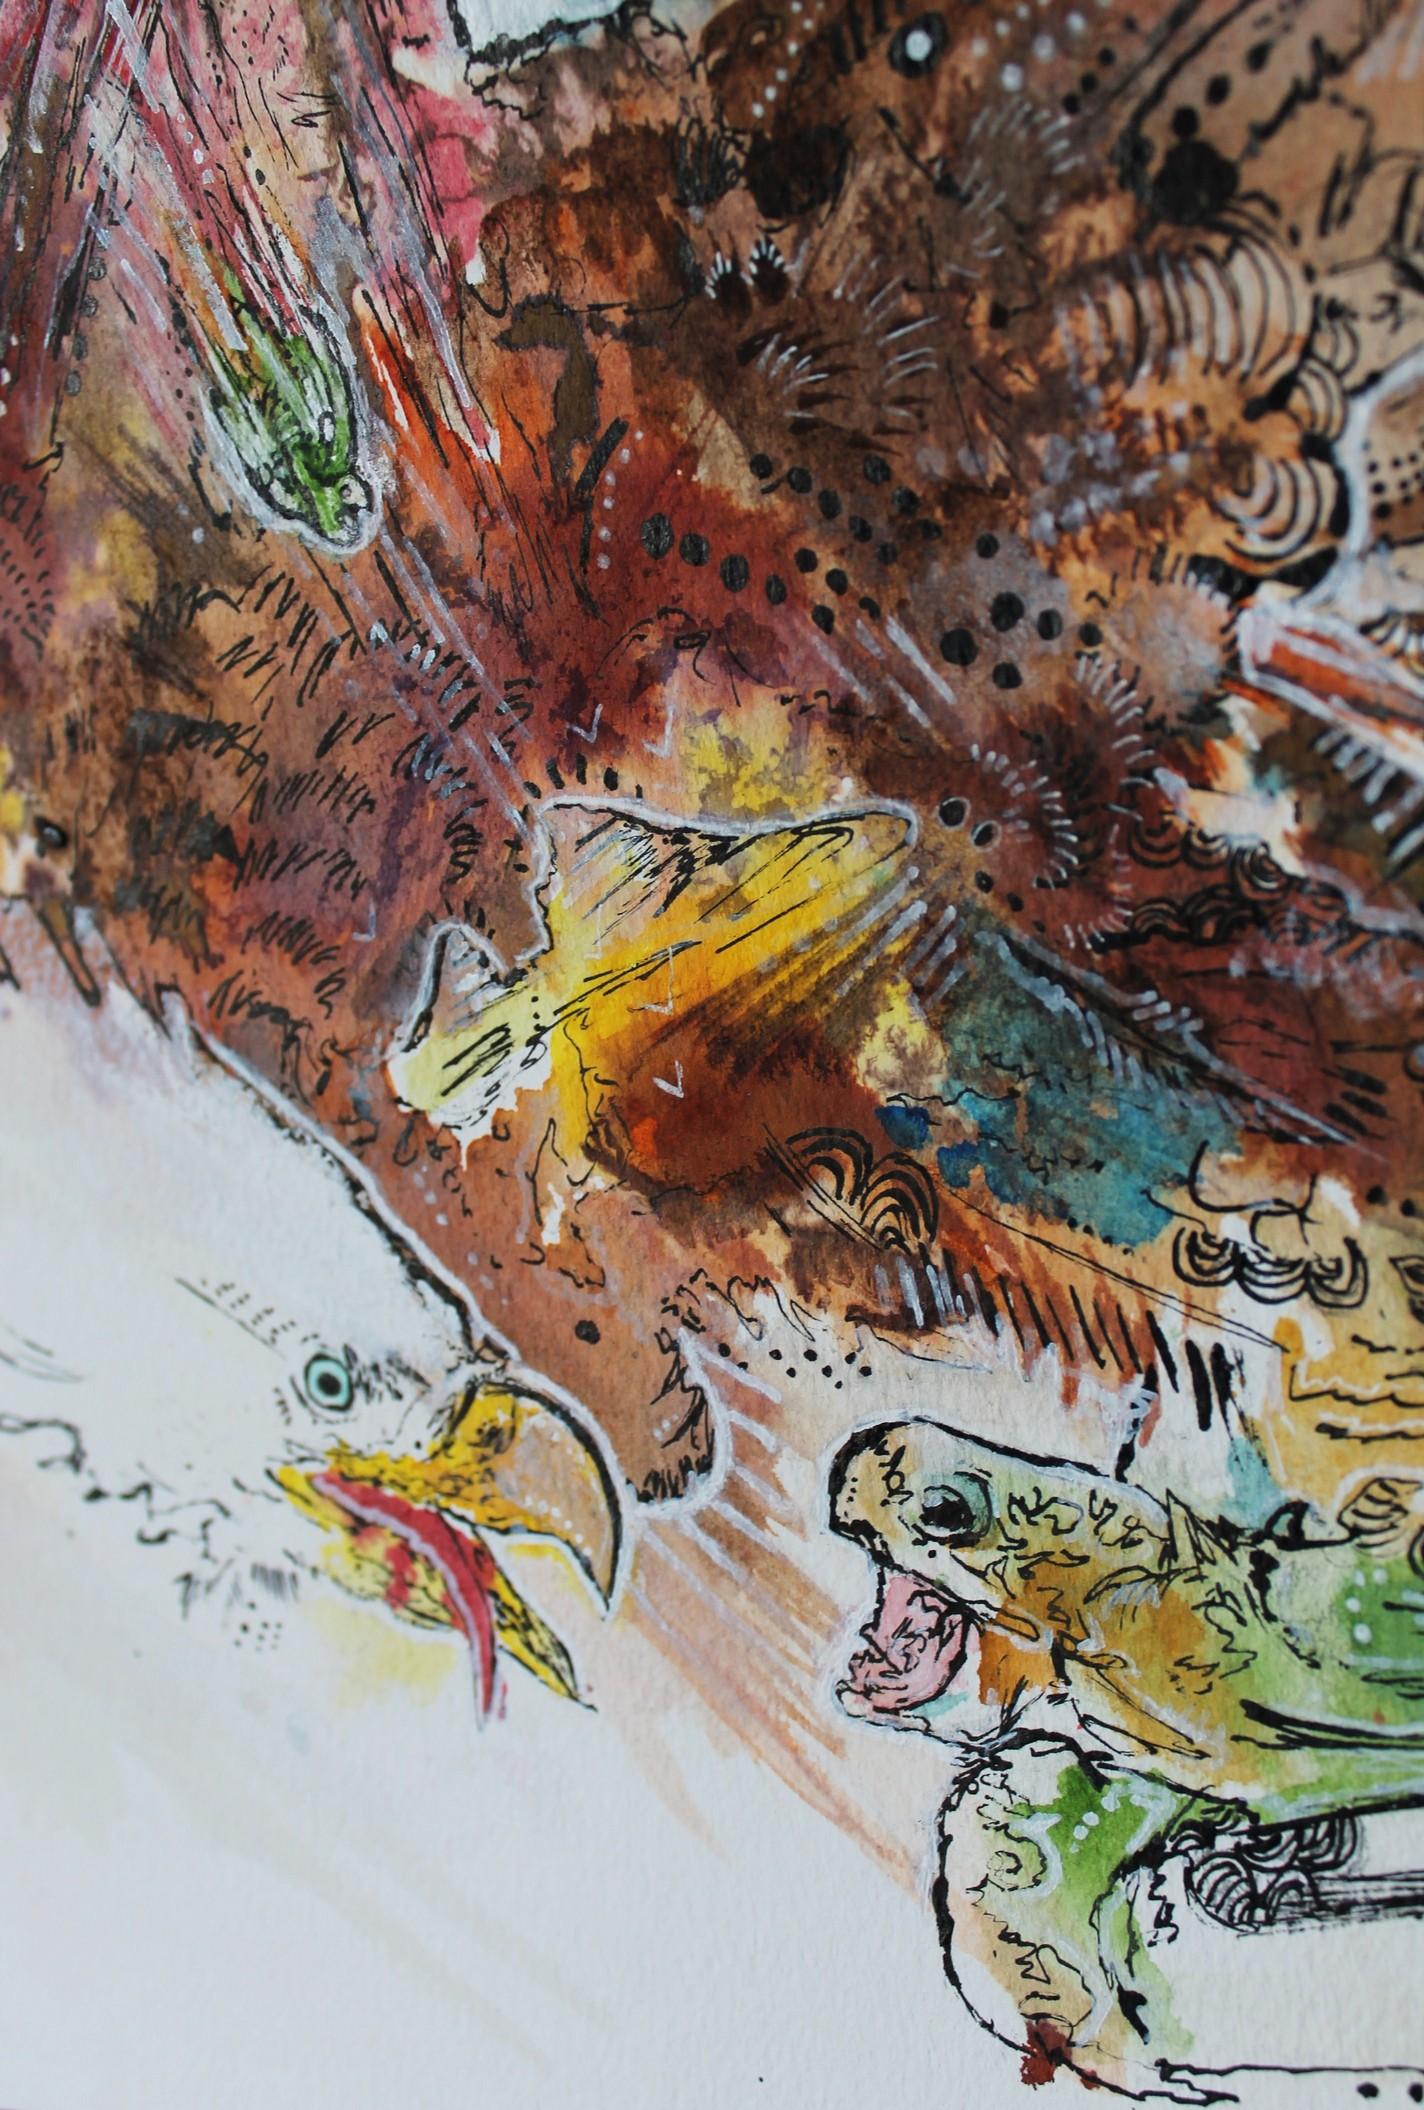 tortoise-eagle-detail1.jpg.JPG